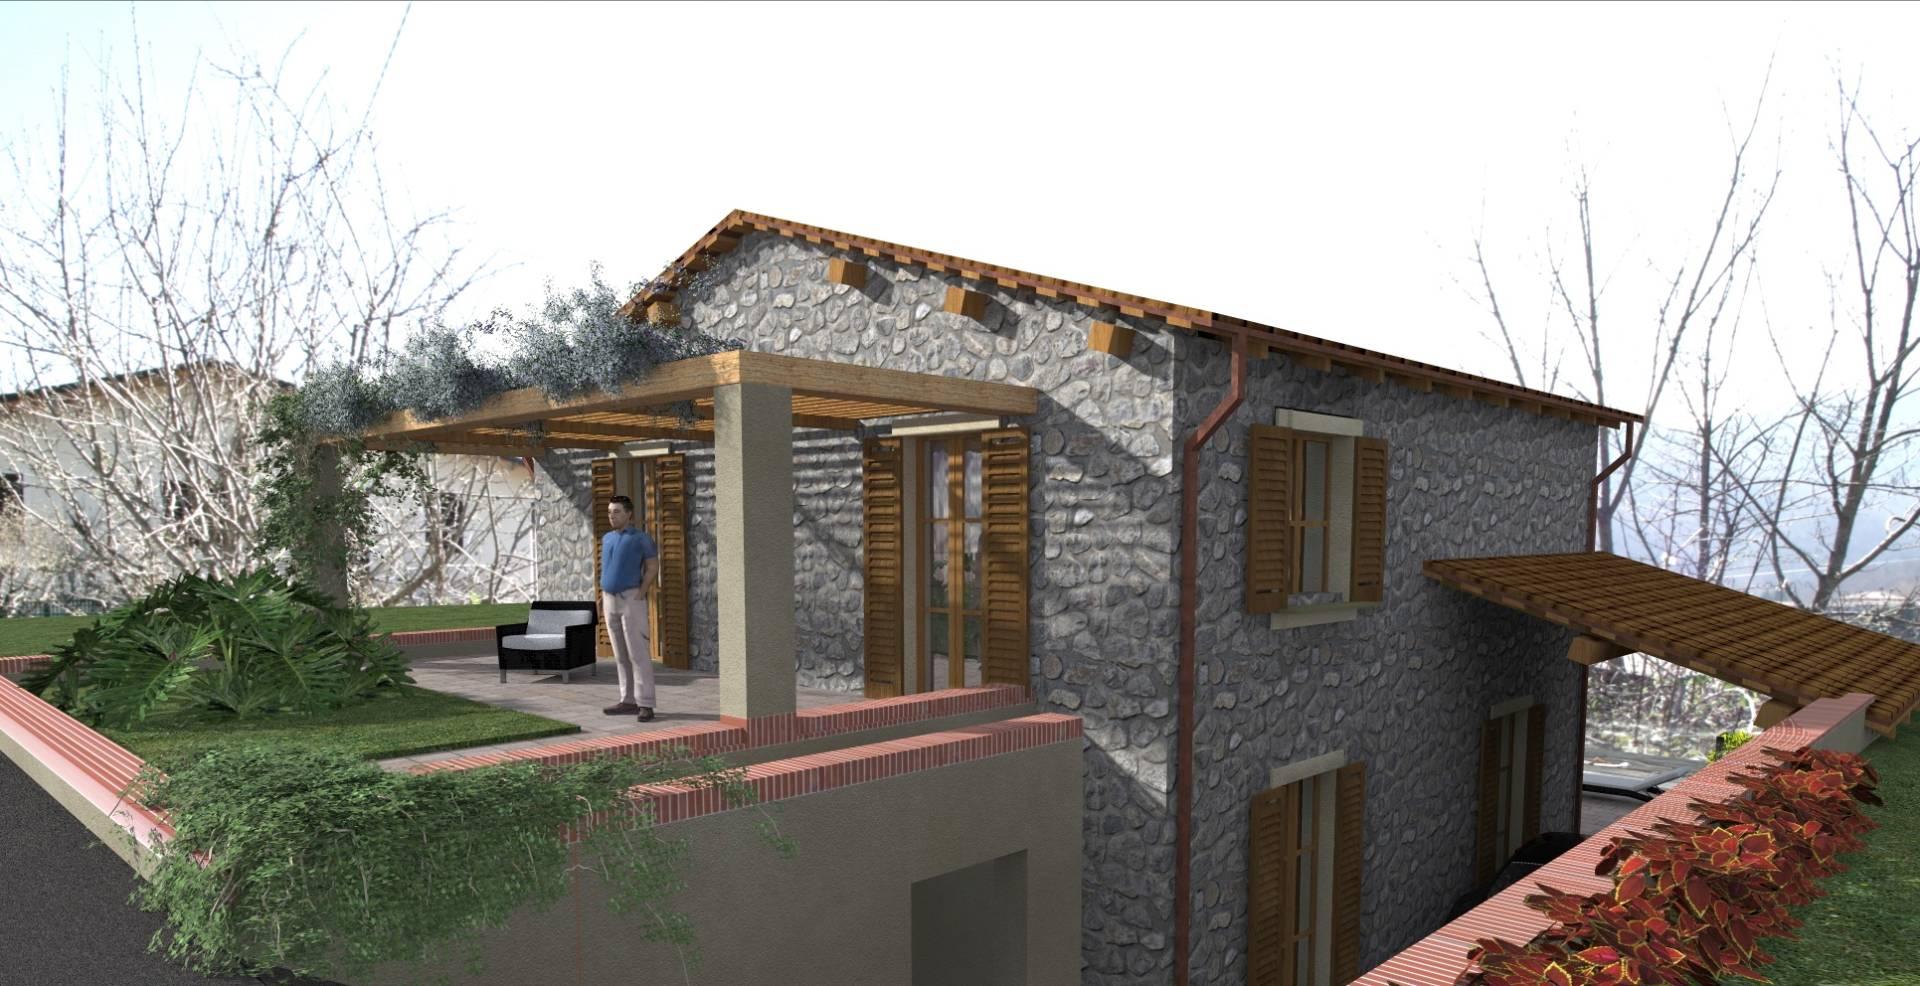 Rustico / Casale in vendita a Camporgiano, 8 locali, zona Zona: Casciana, prezzo € 60.000 | Cambio Casa.it